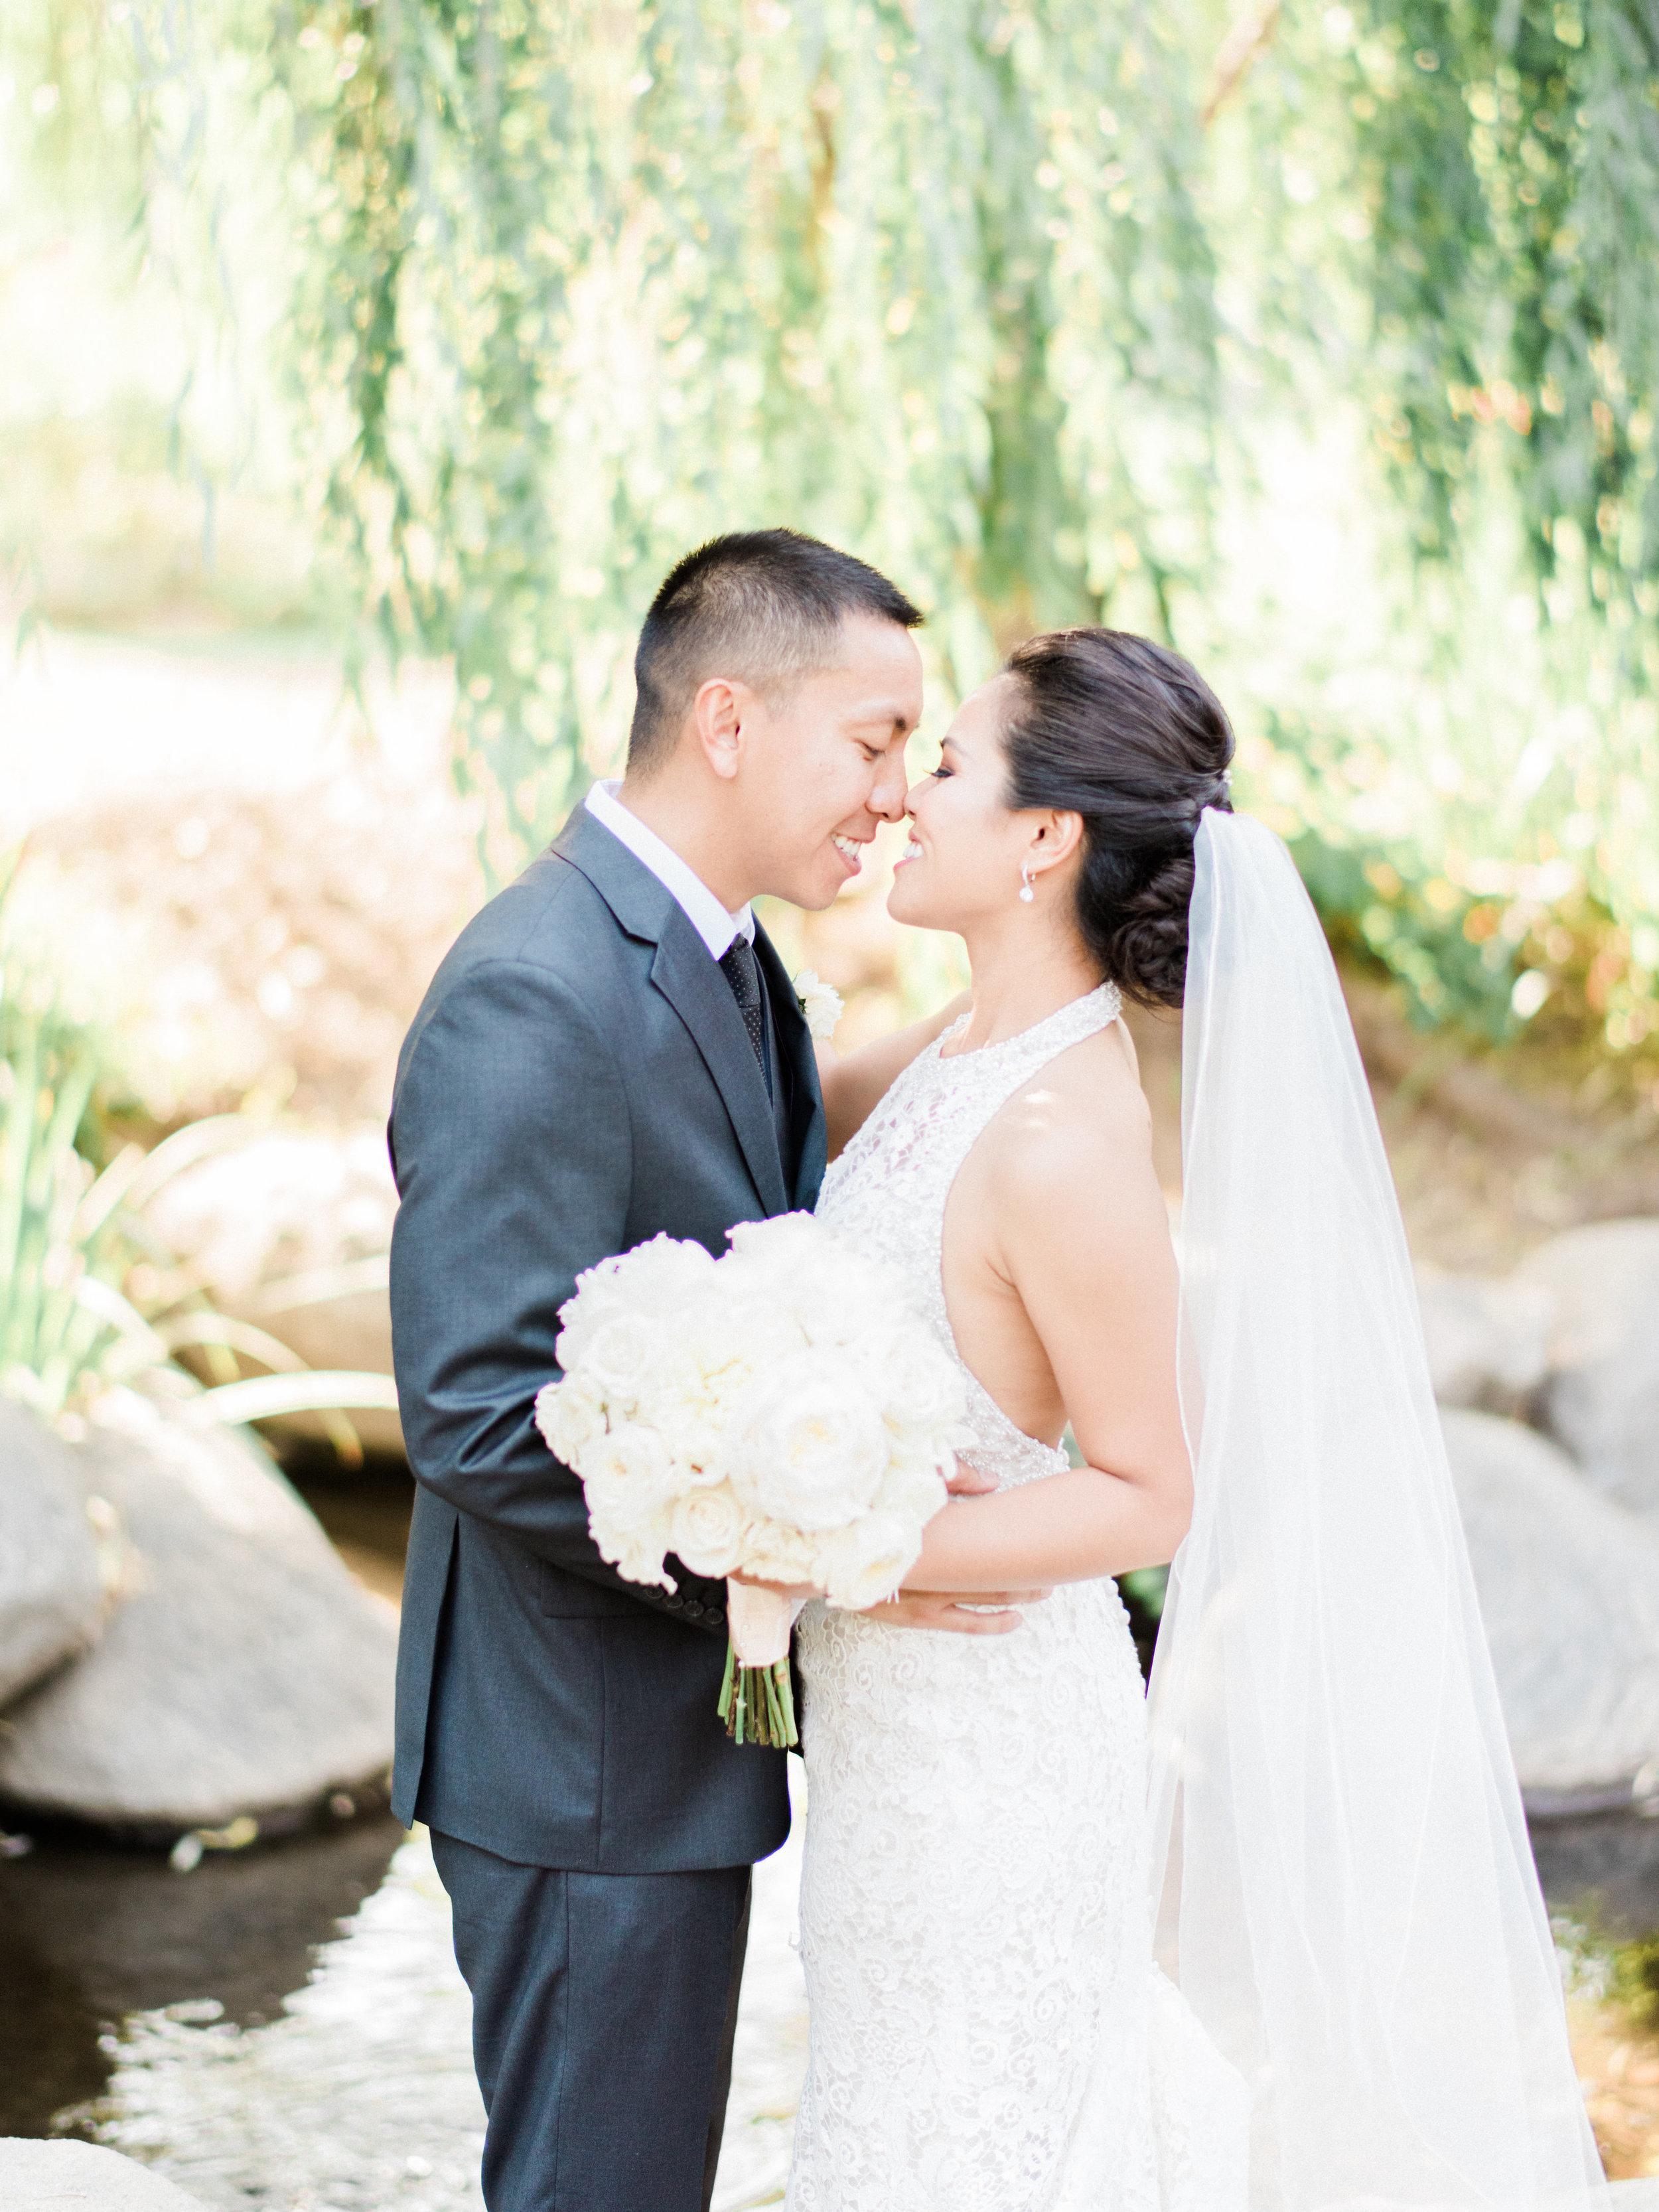 lilibethandjoey-wedding-547.jpg